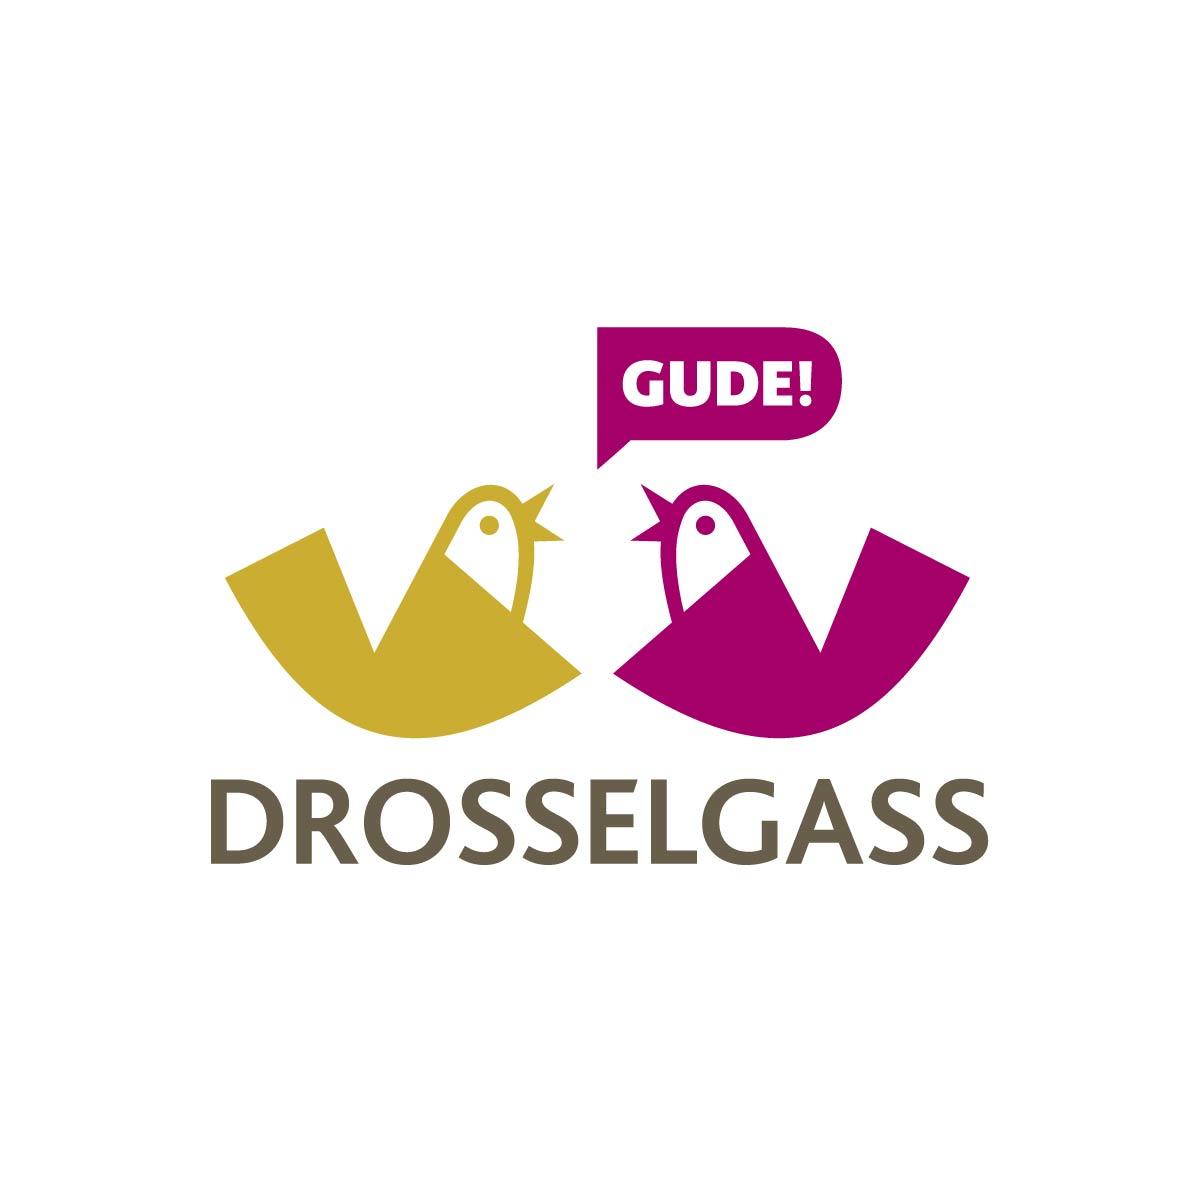 Icons Logo Wort-Bild-Marke Rüdesheim Drosselgasse